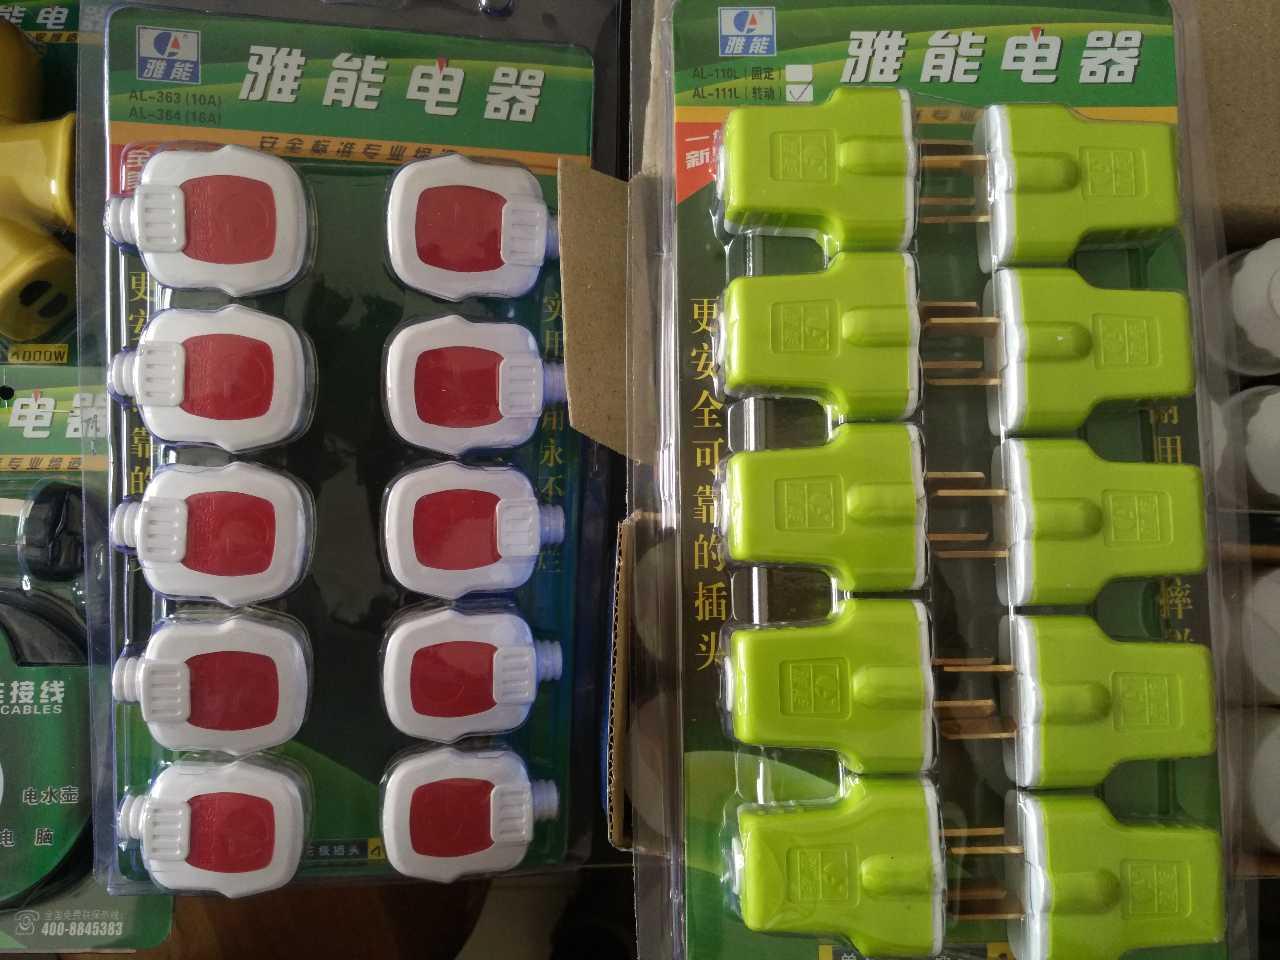 来自林健文发布的供应信息:产品质优价格大众... - 广州市永盛水电商场有限公司